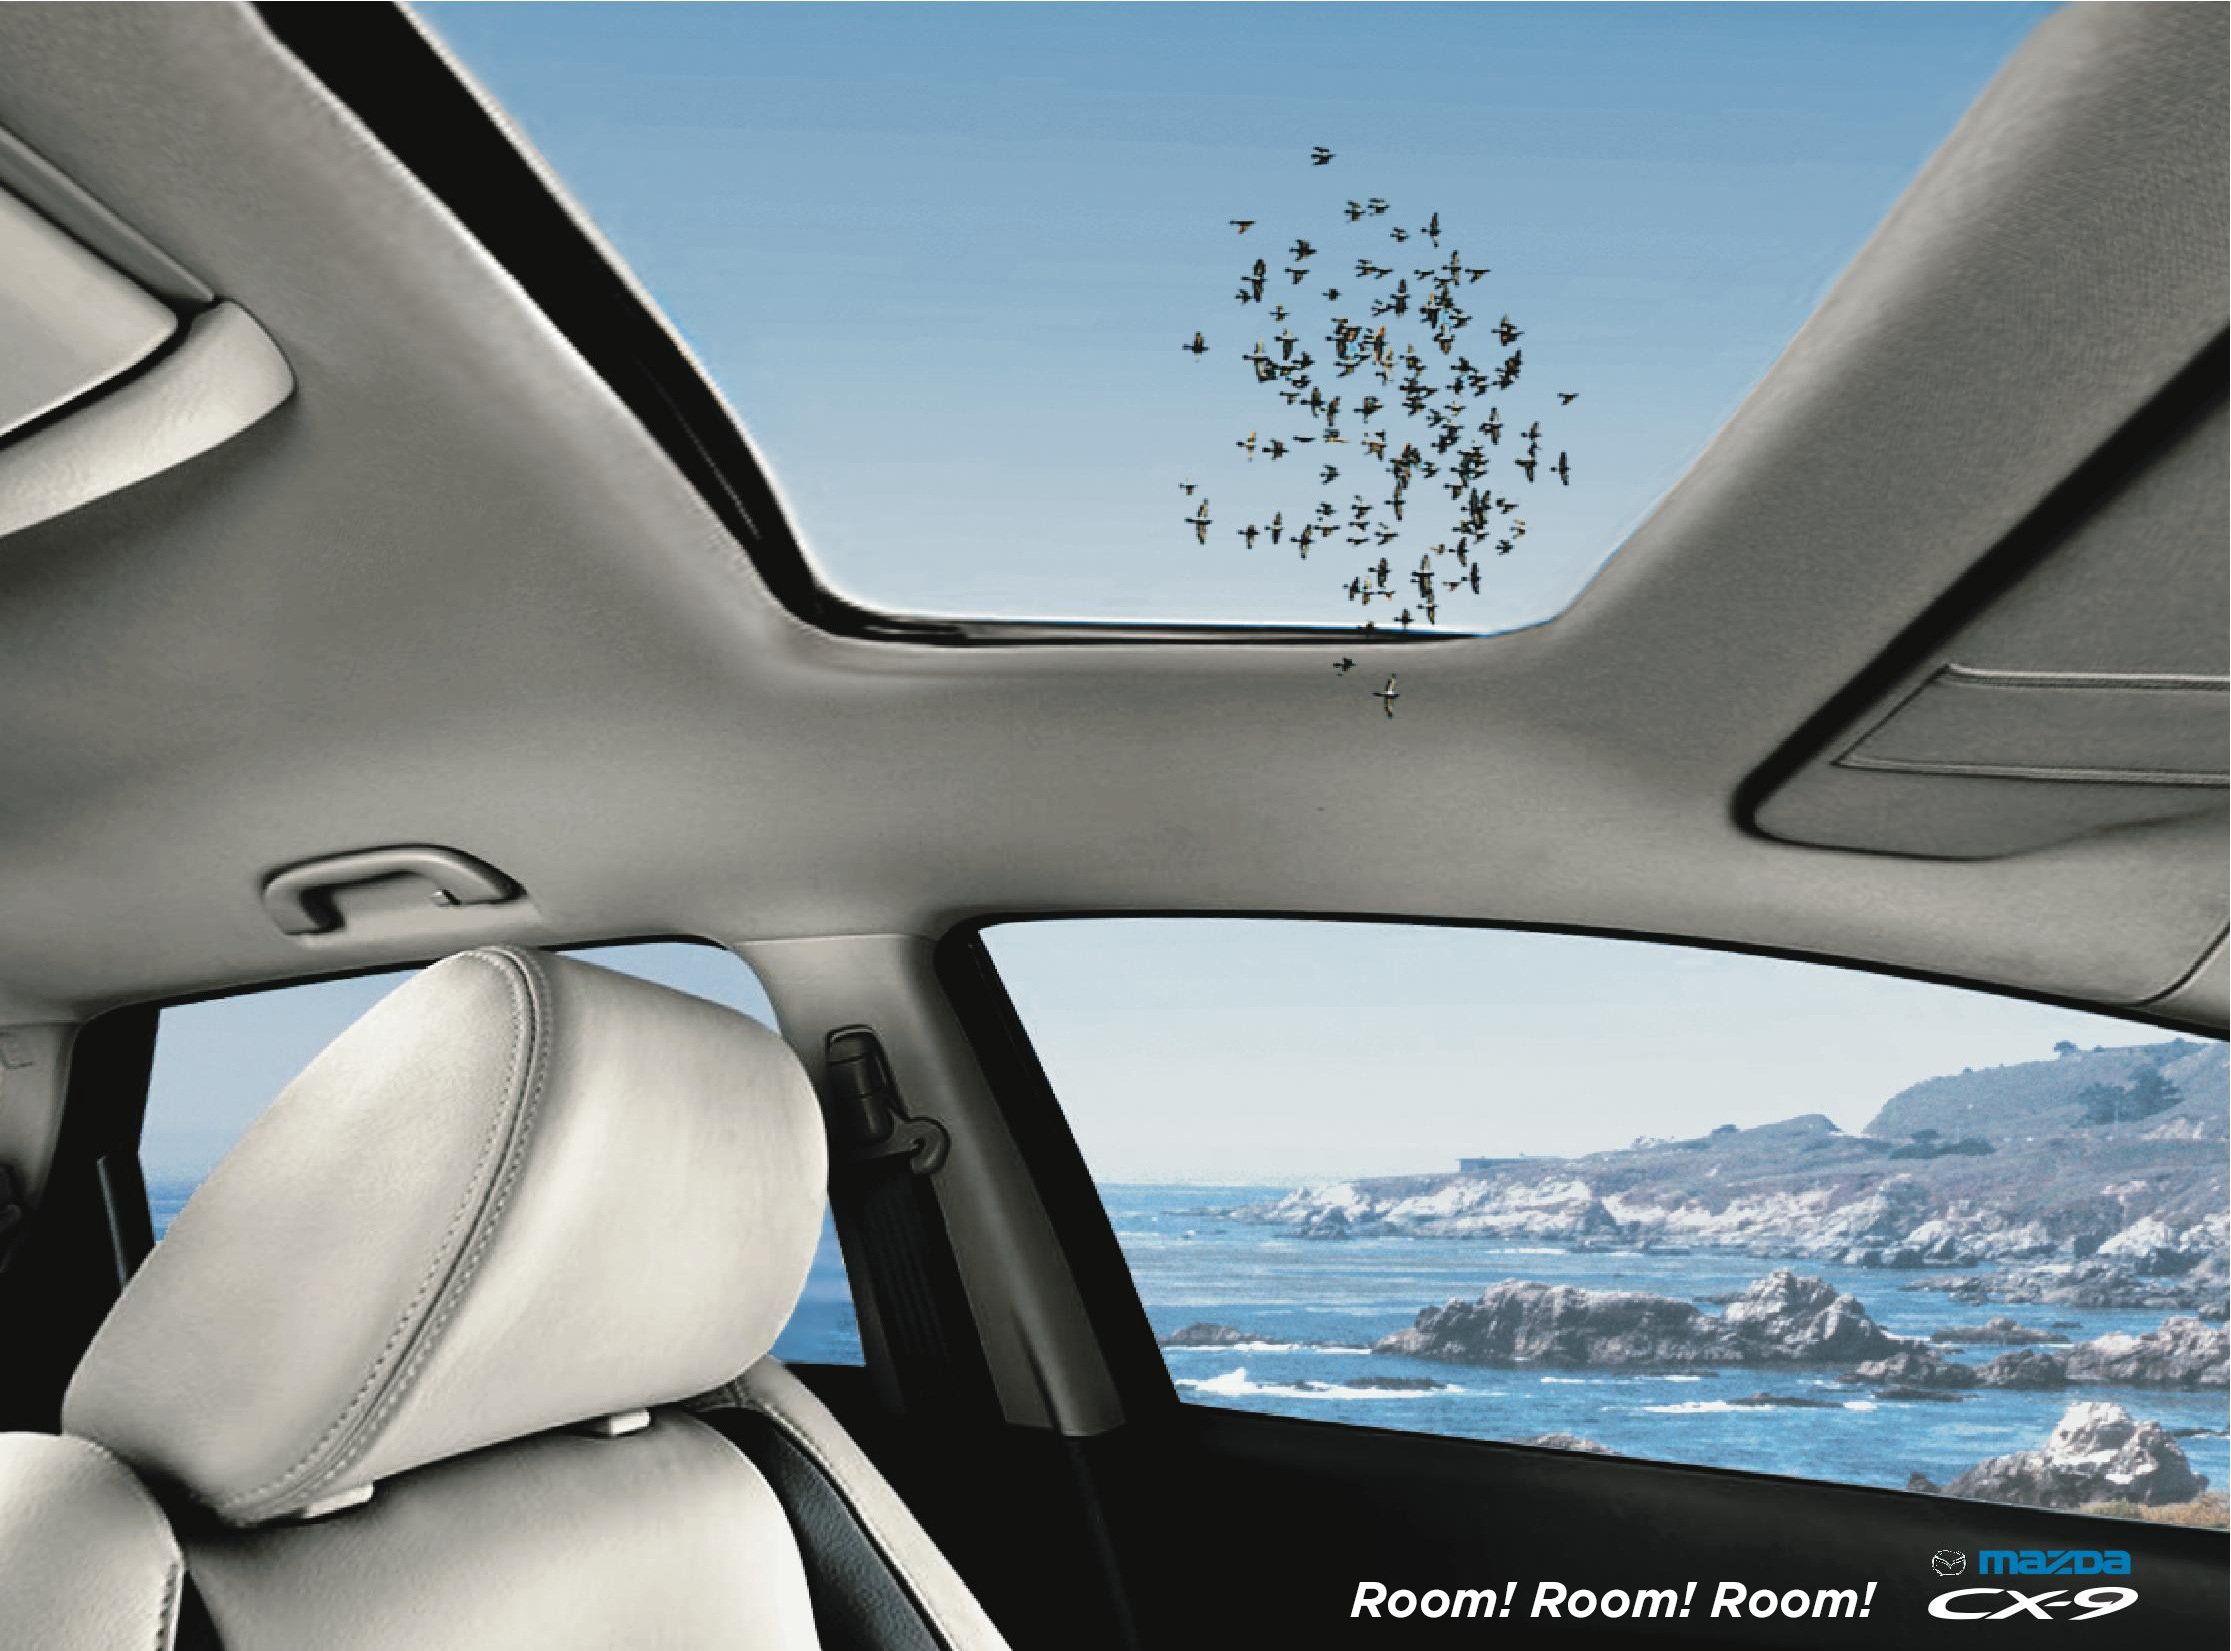 BIRDS-ROOM-ROOM- MAZDA CX-9